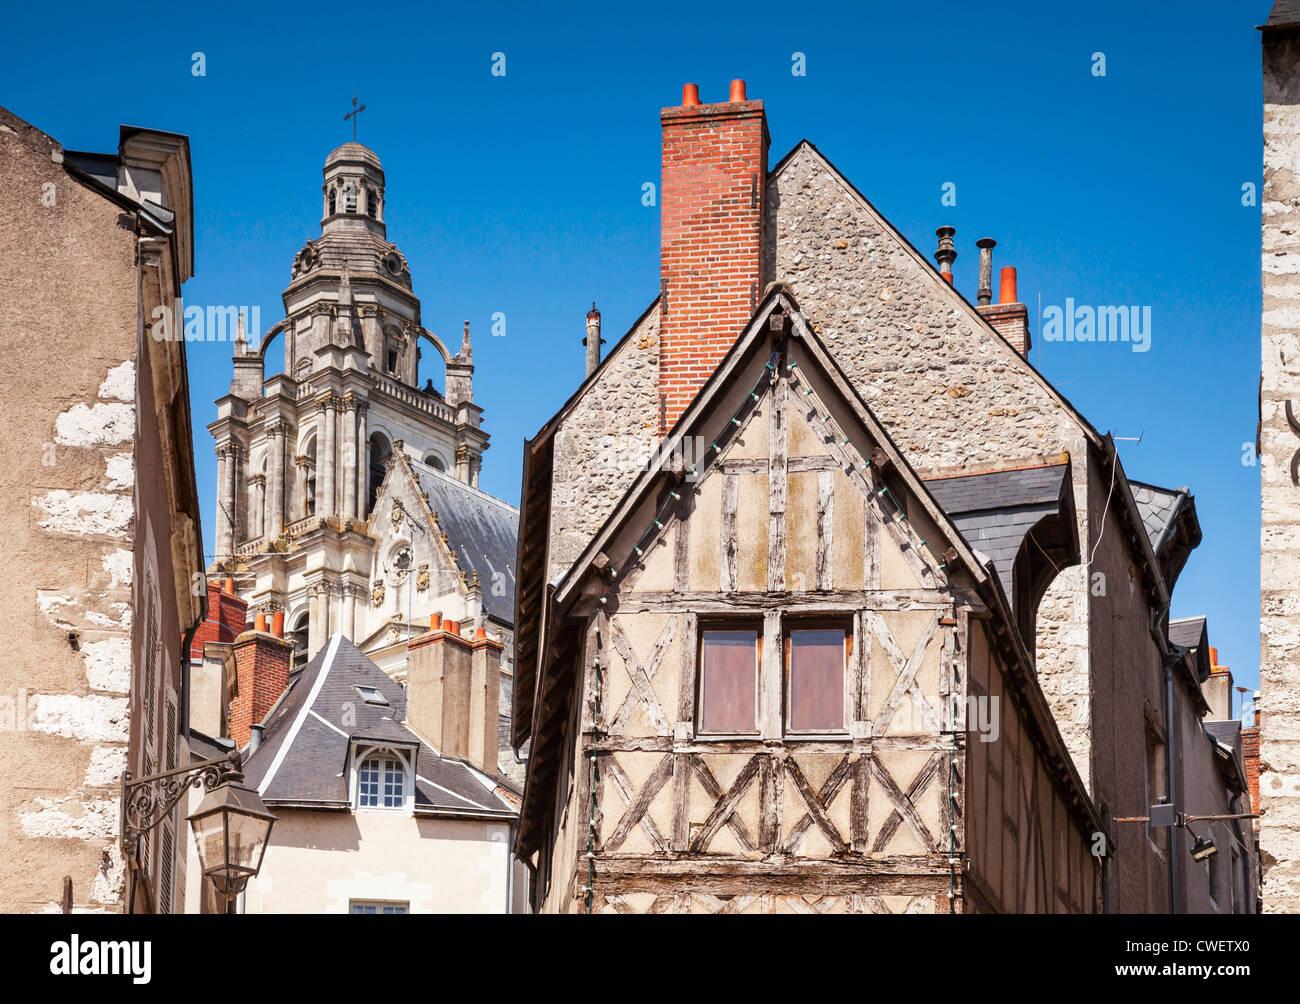 Dettaglio di edifici medievali nella Valle della Loira città di Blois Centre, in Francia. La chiesa è Immagini Stock